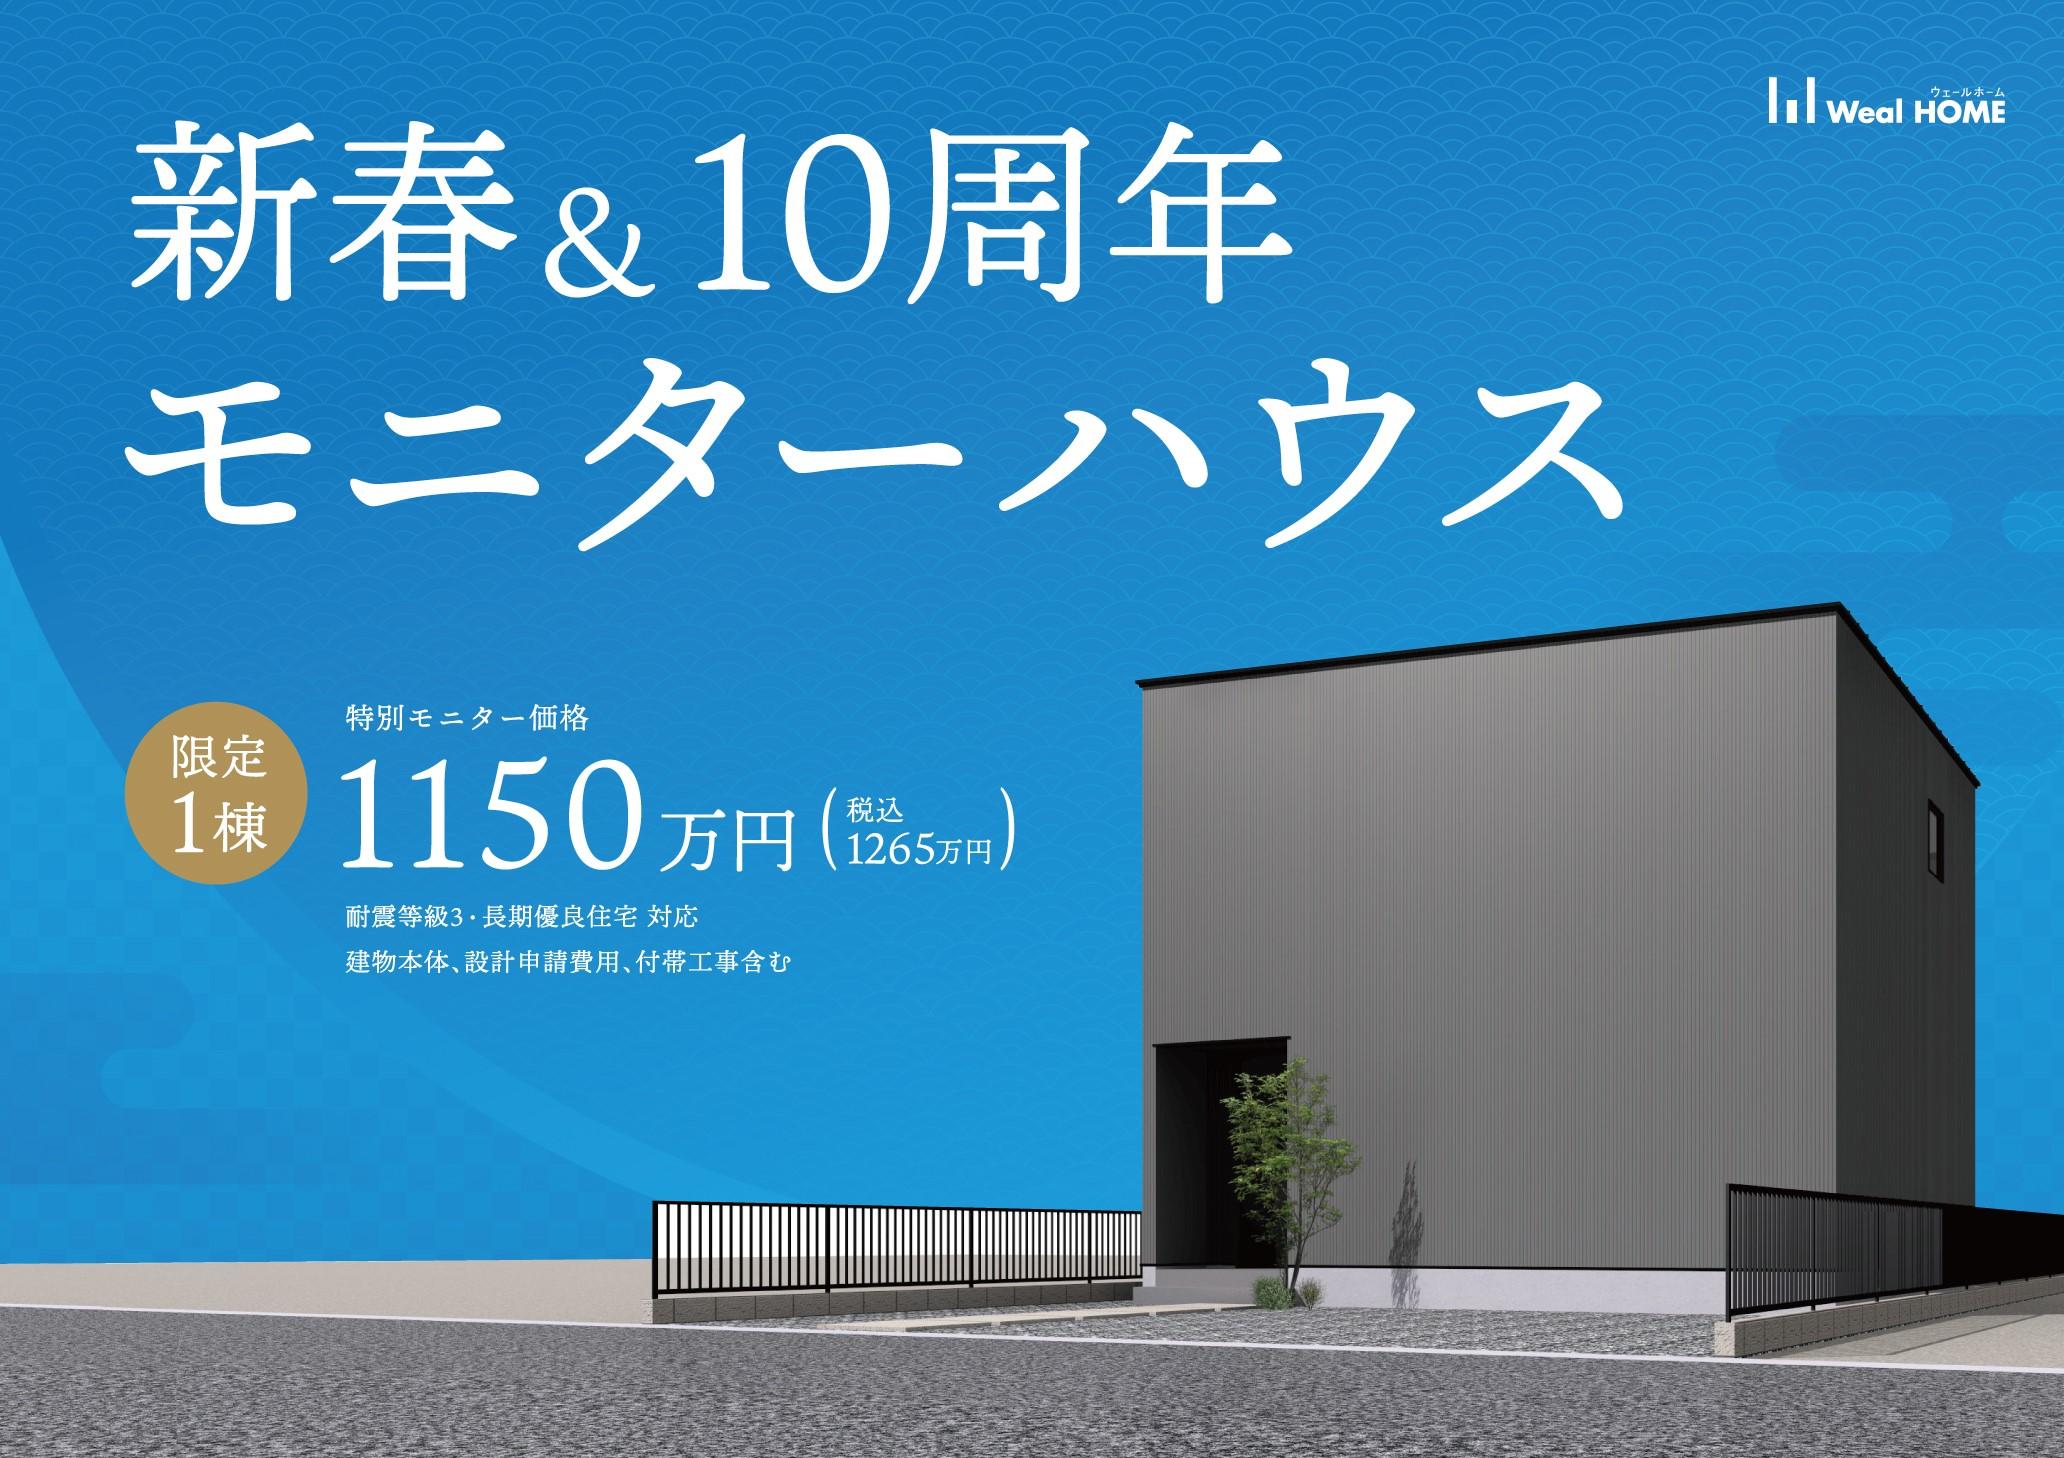 【特別モニターハウス】新春&10周年キャンペーンのお知らせ